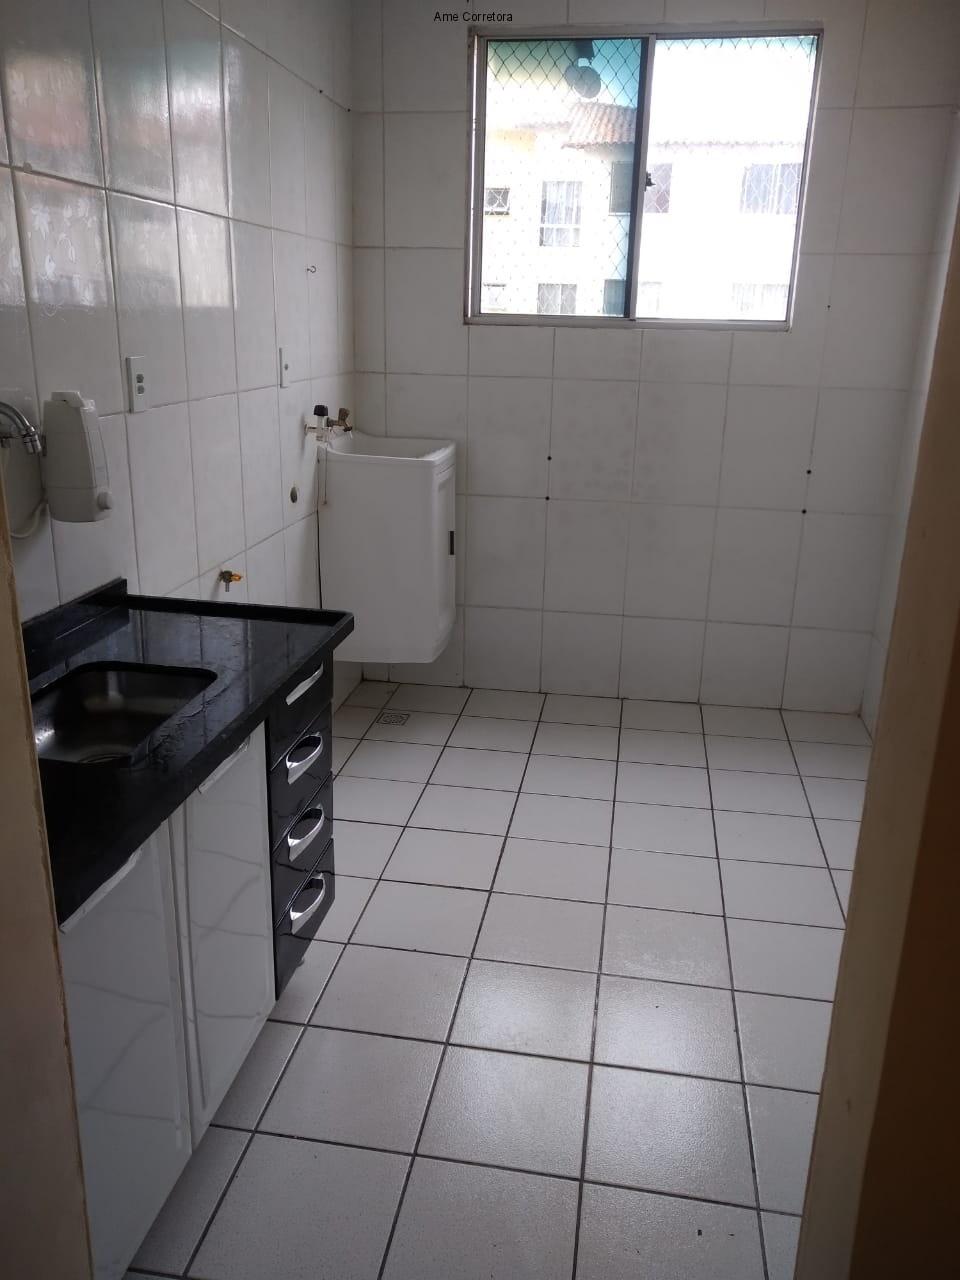 FOTO 04 - Apartamento 2 quartos para alugar Santíssimo, Rio de Janeiro - R$ 885 - AP00405 - 5